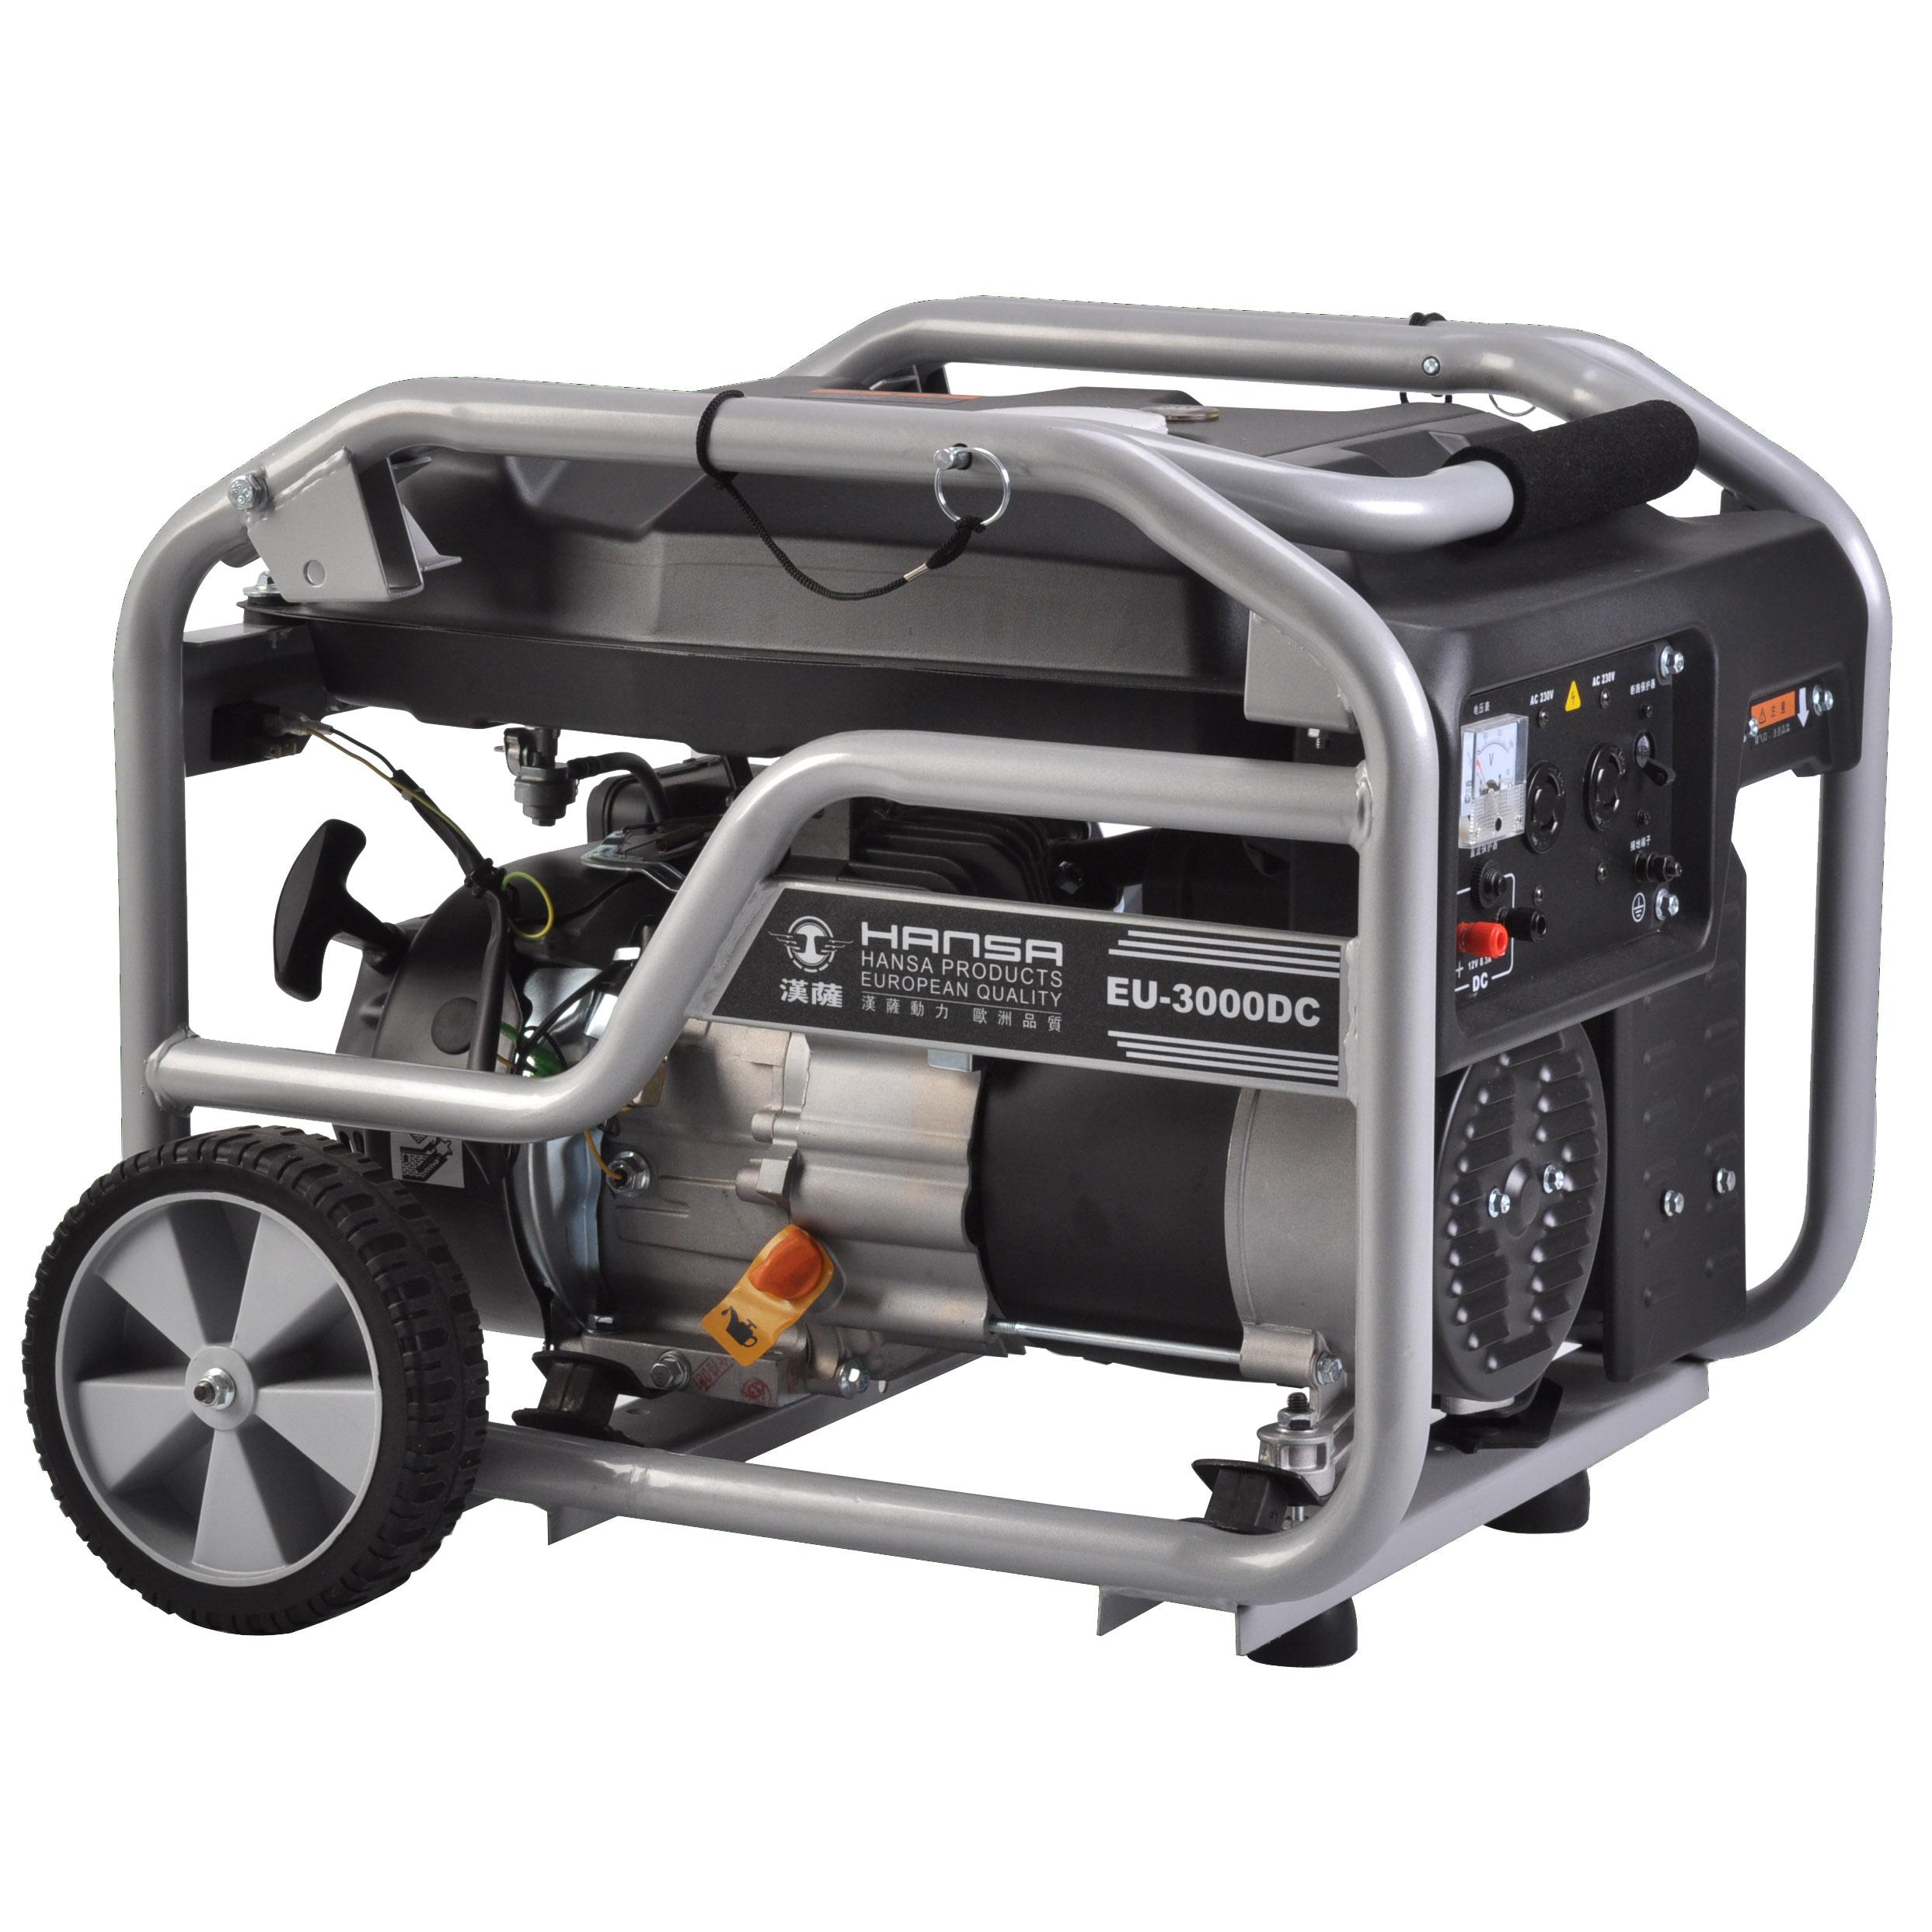 3kw单相汽油发电机——EU-3000DC